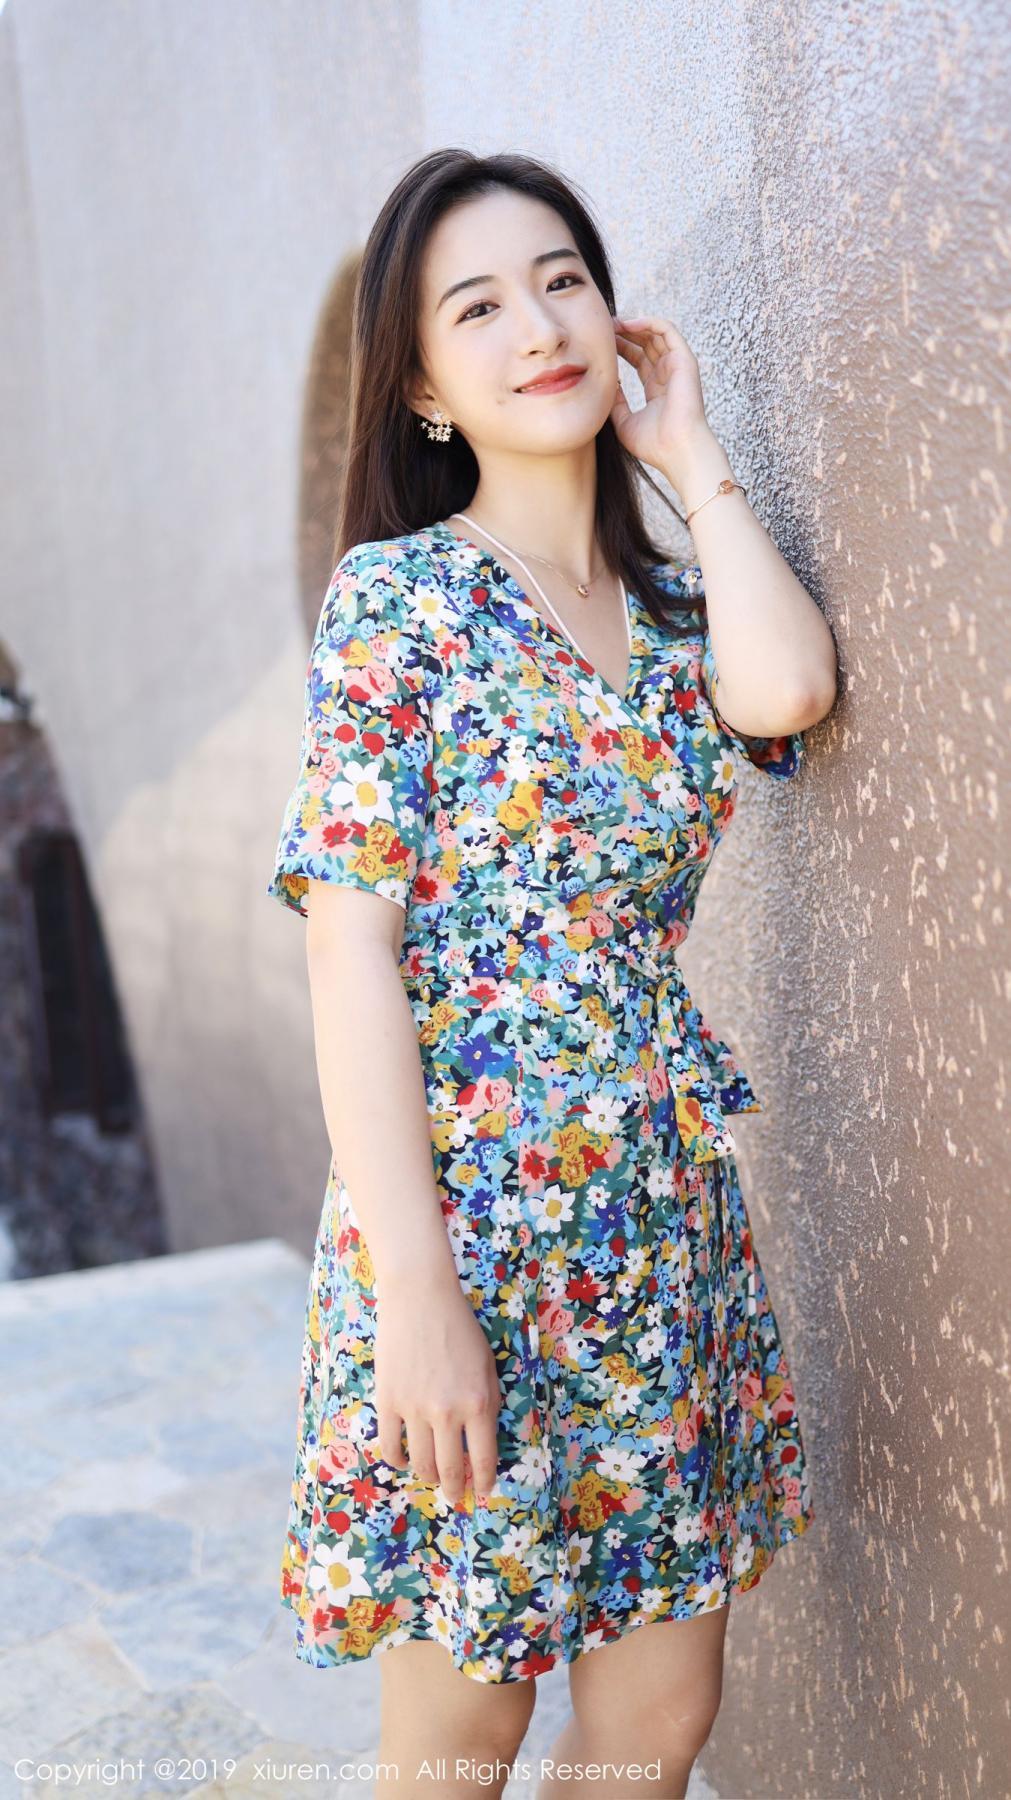 [XiuRen] Vol.1641 Gong Tian Yi 21P, Gong Tian Yi, Pretty, Temperament, Xiuren